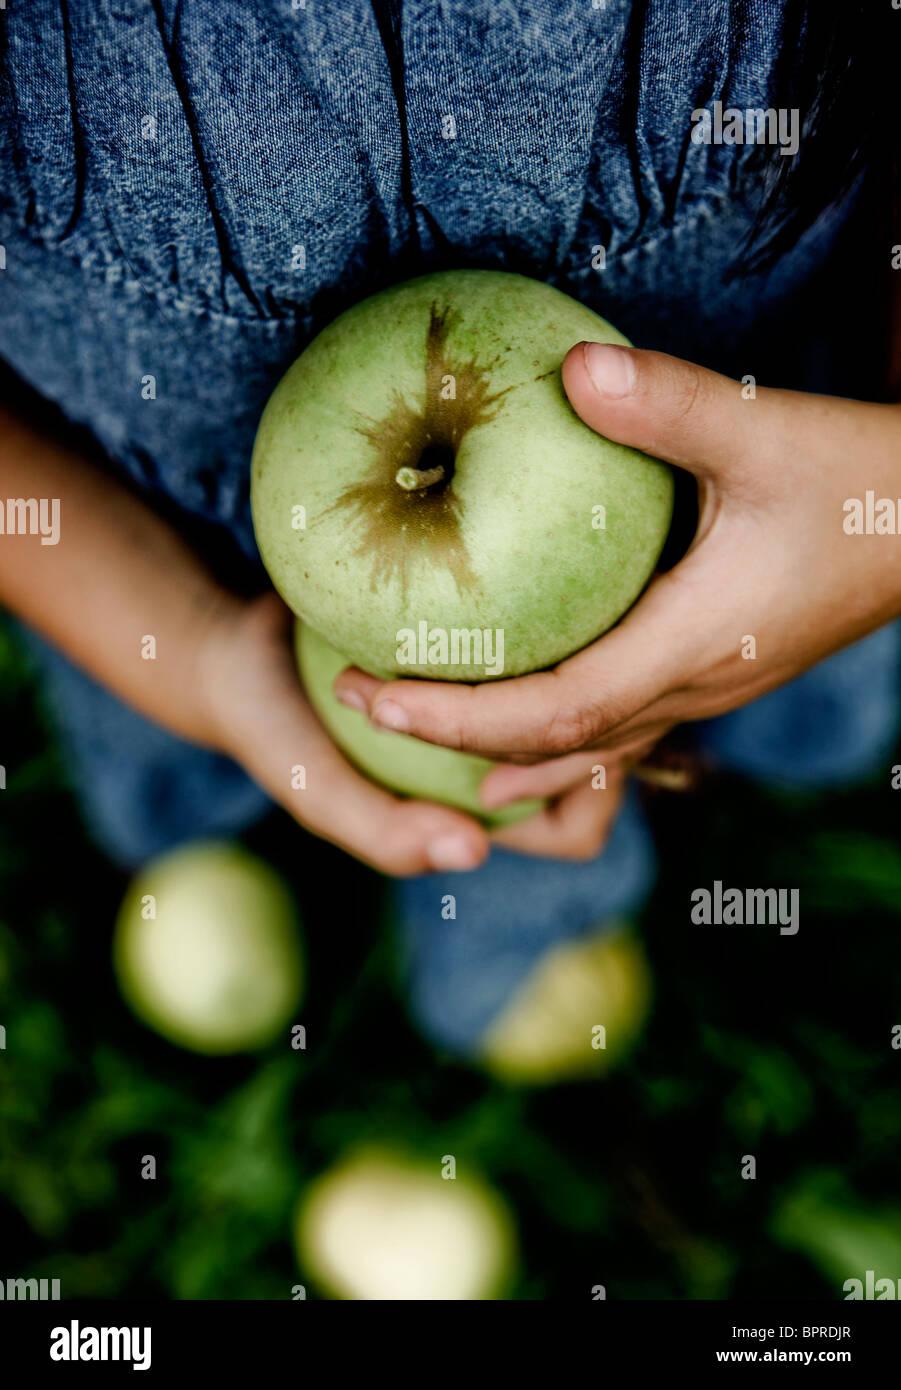 Una giovane ragazza può contenere mele verdi in un meleto in Calhoun County, Illinois, il 28 settembre 2008. Foto Stock